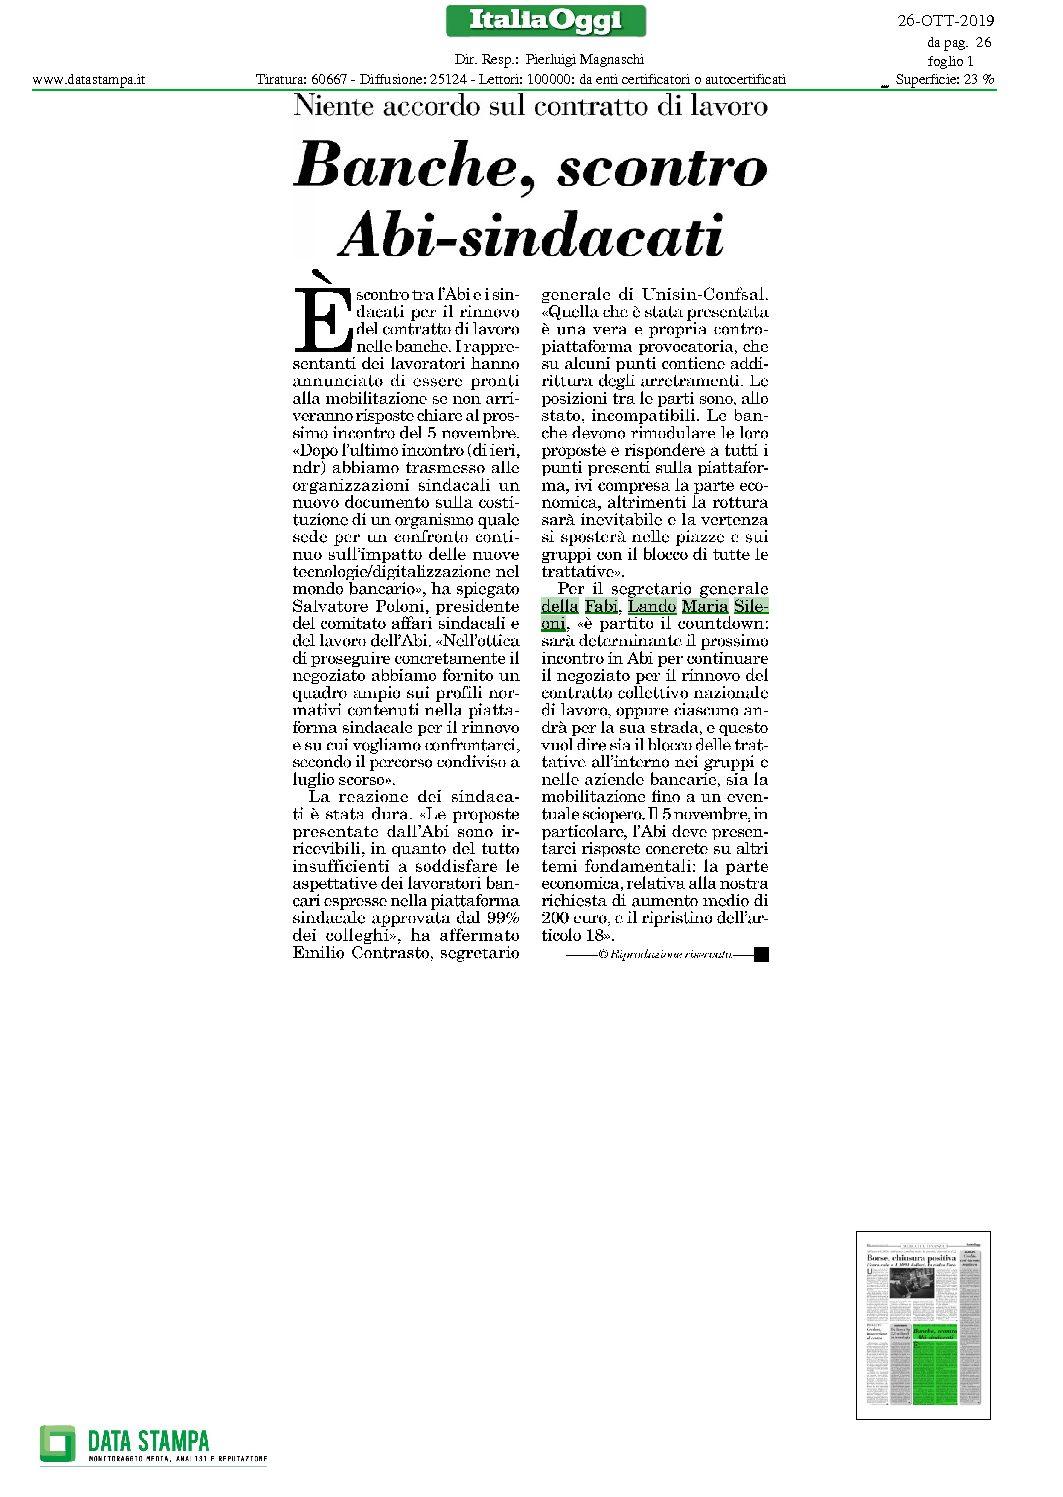 ITALIA.OGGI_26102019